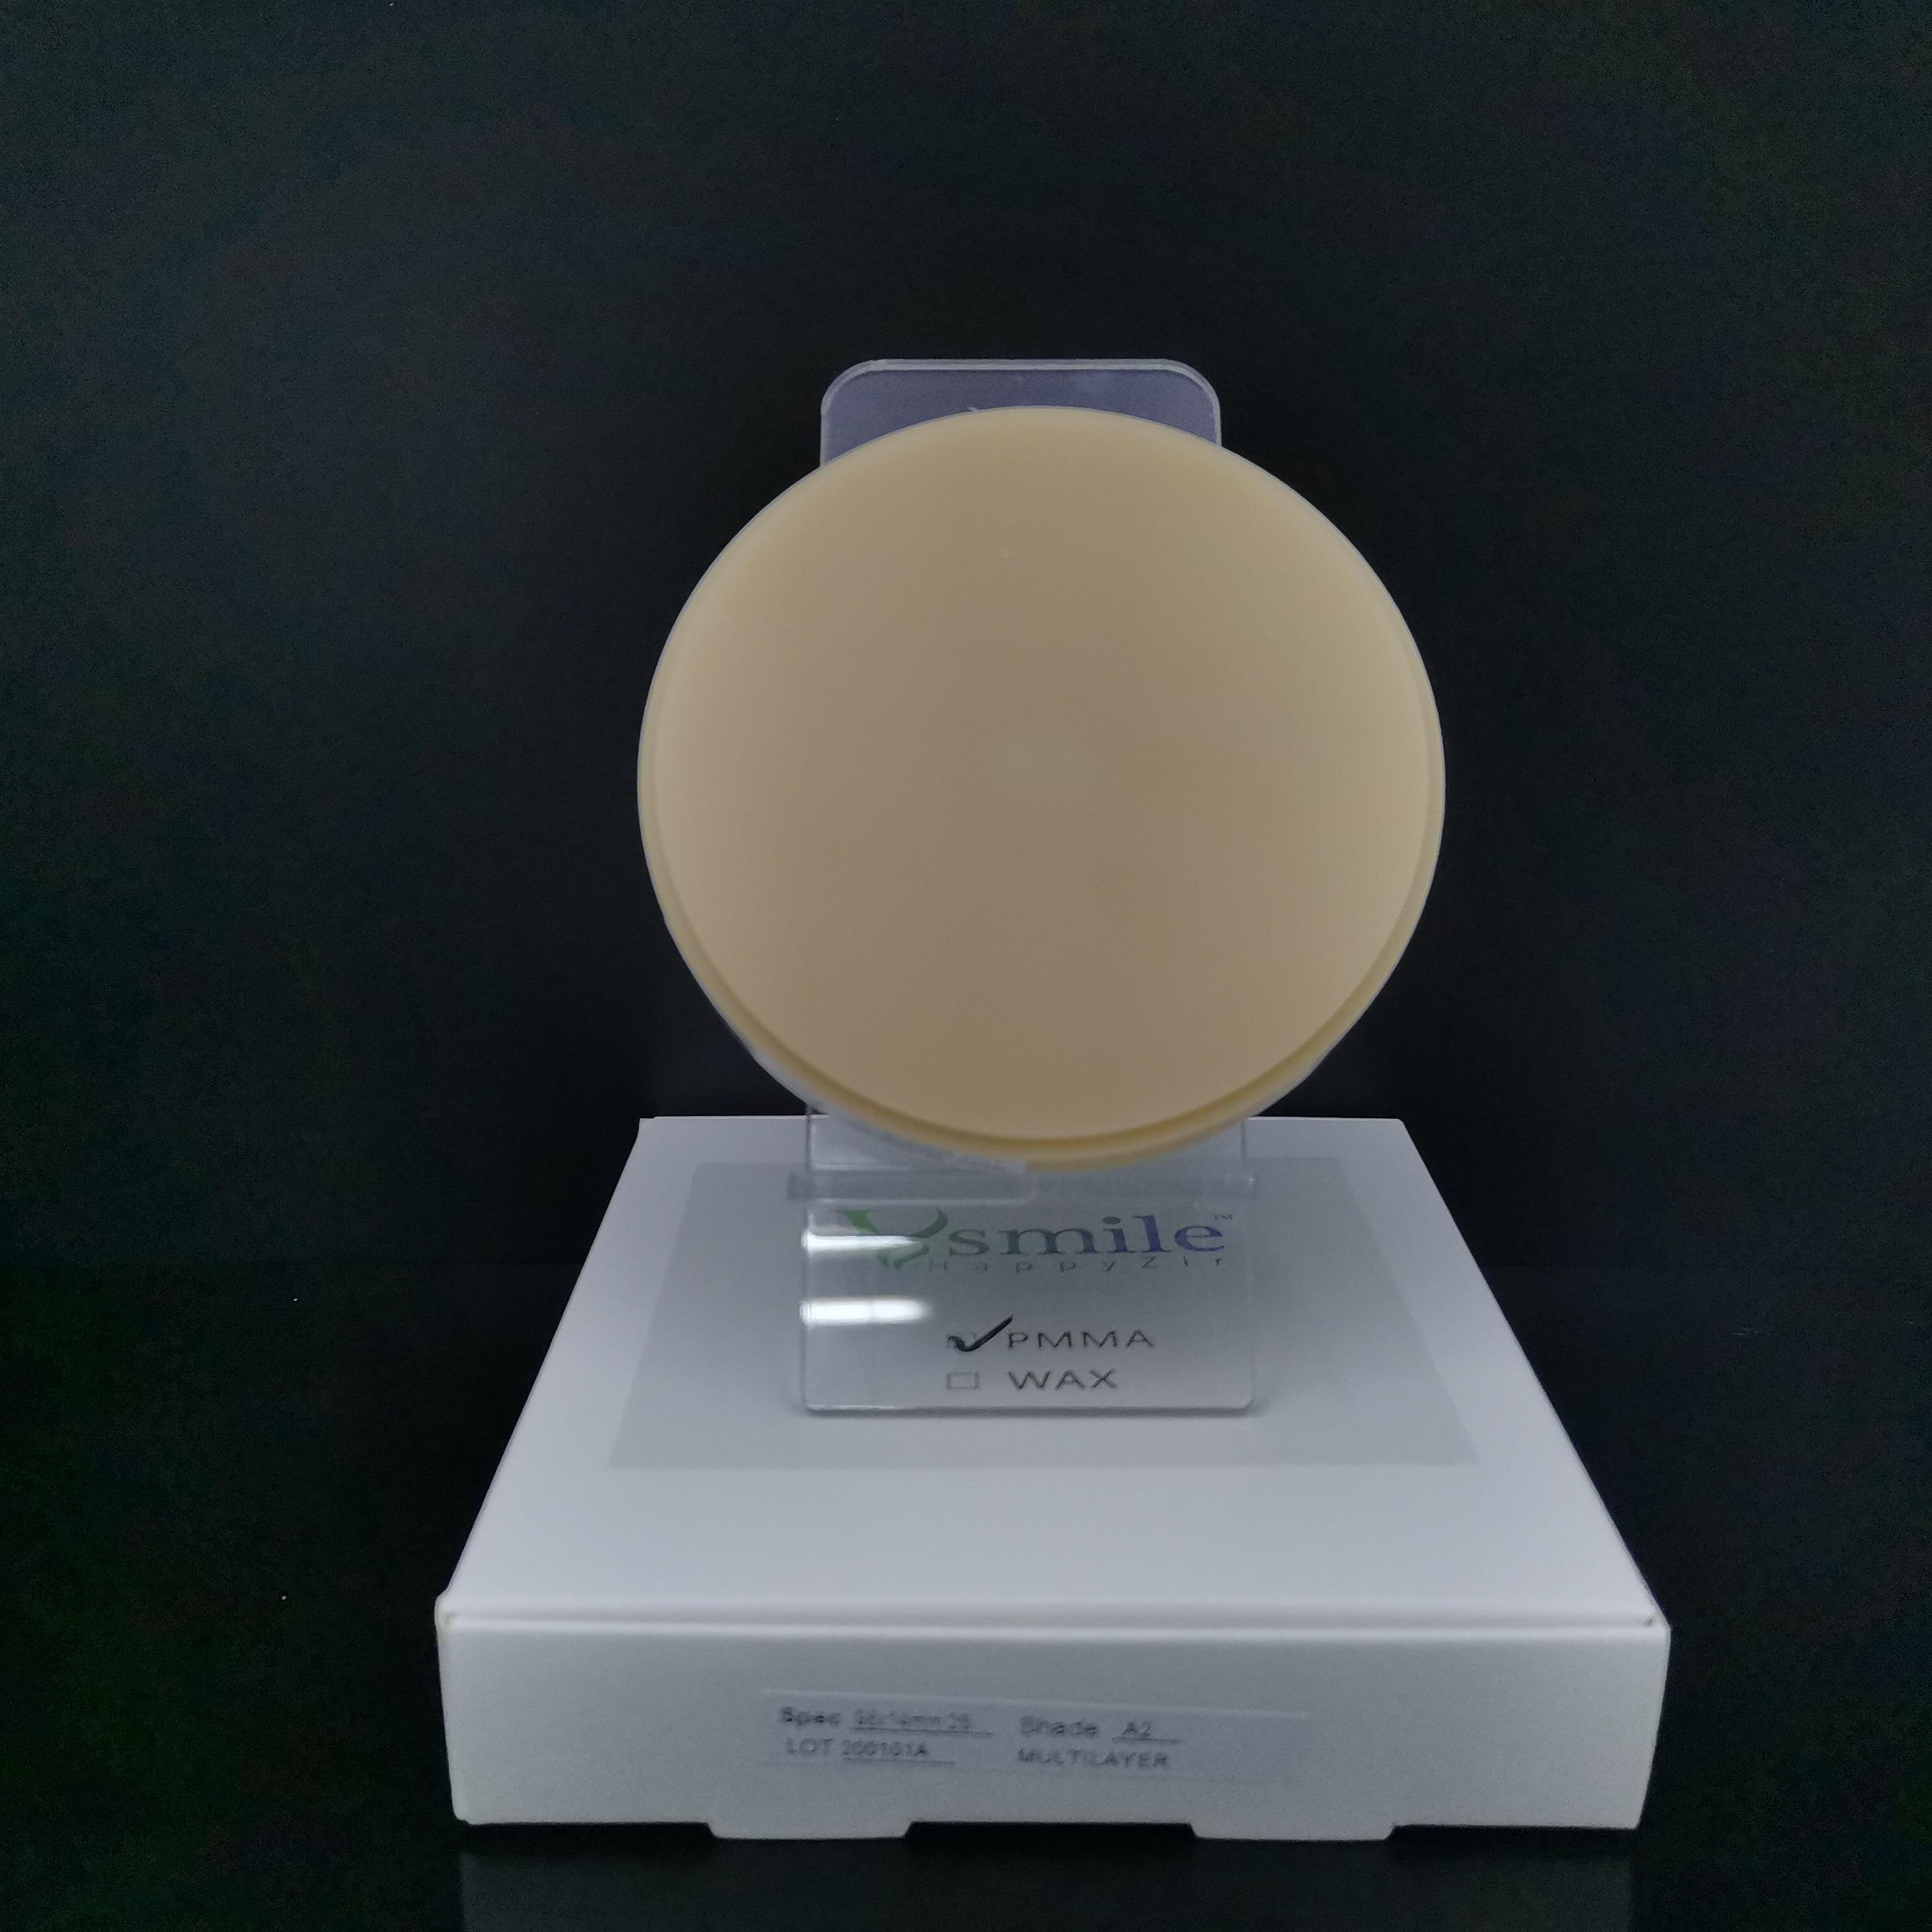 o disco acrilico dental pmma 98mm 04